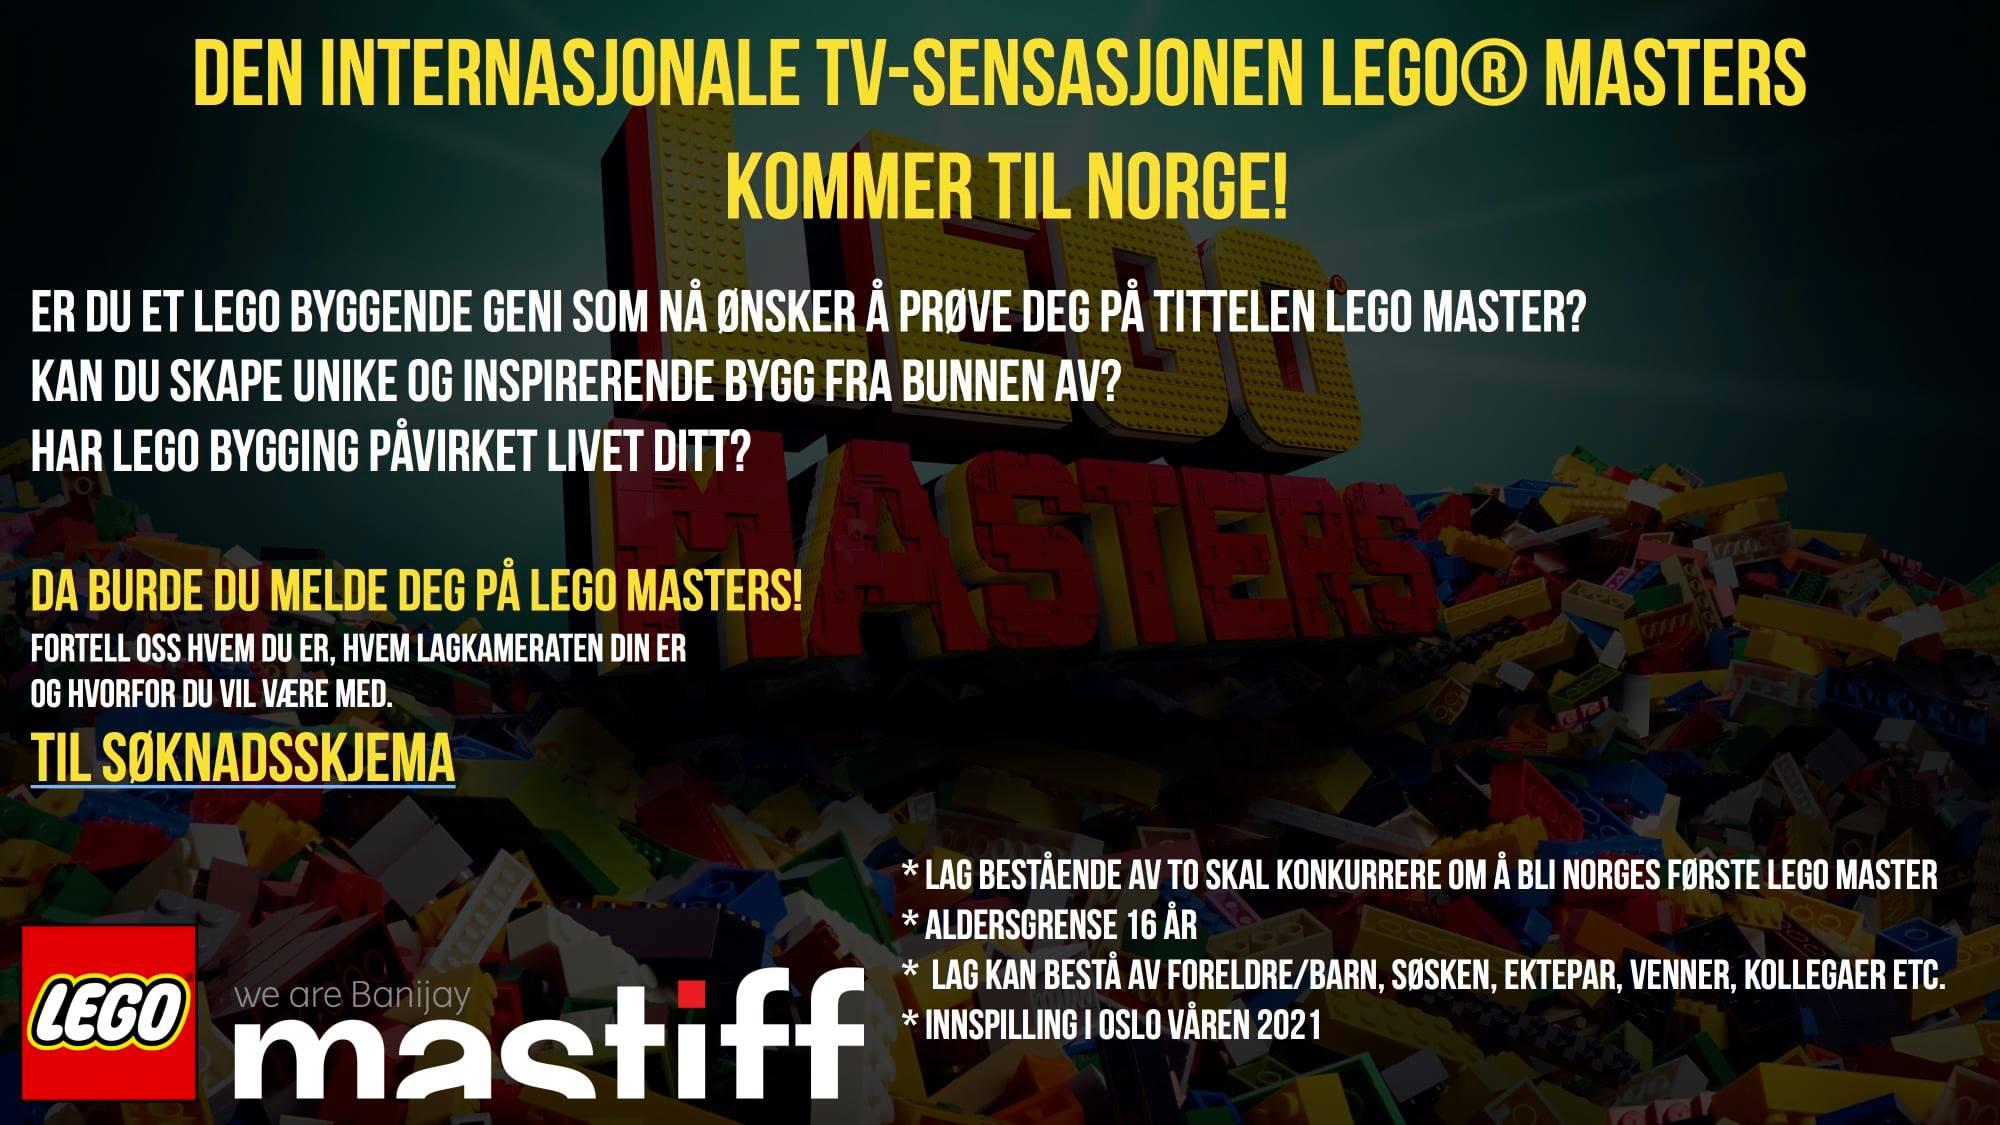 LEGO Masters til Norge